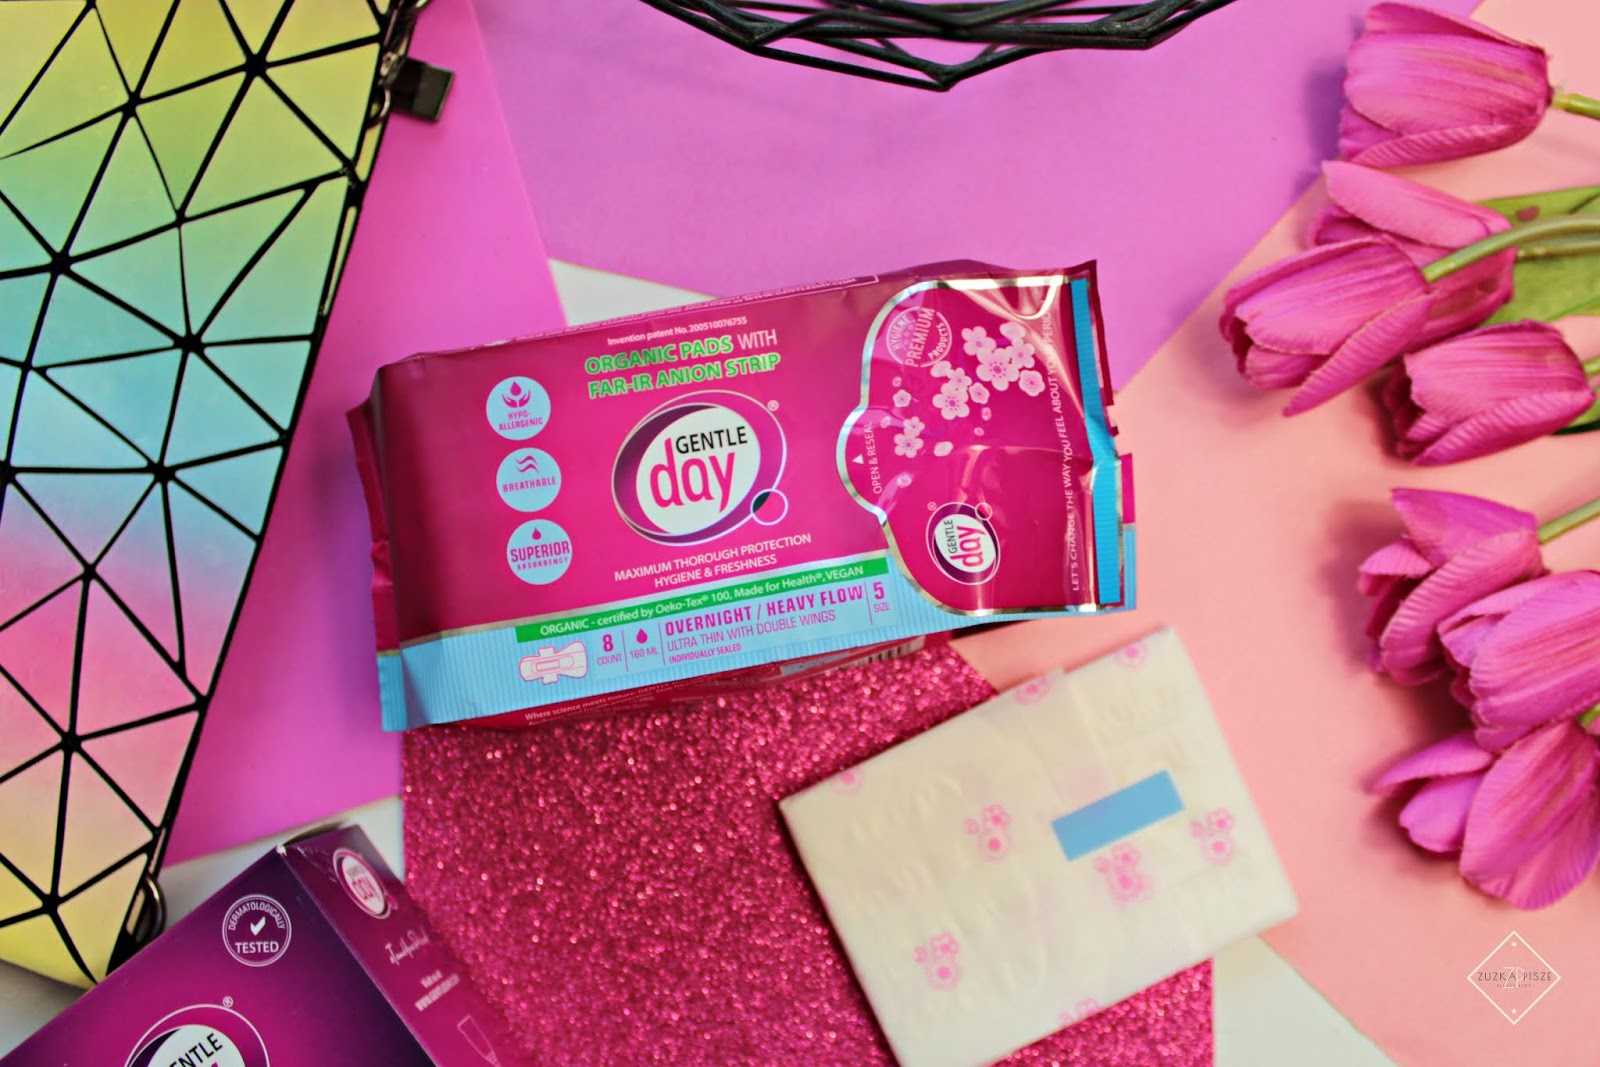 Skuteczna pomoc w okresie menstruacji GENTLE DAY